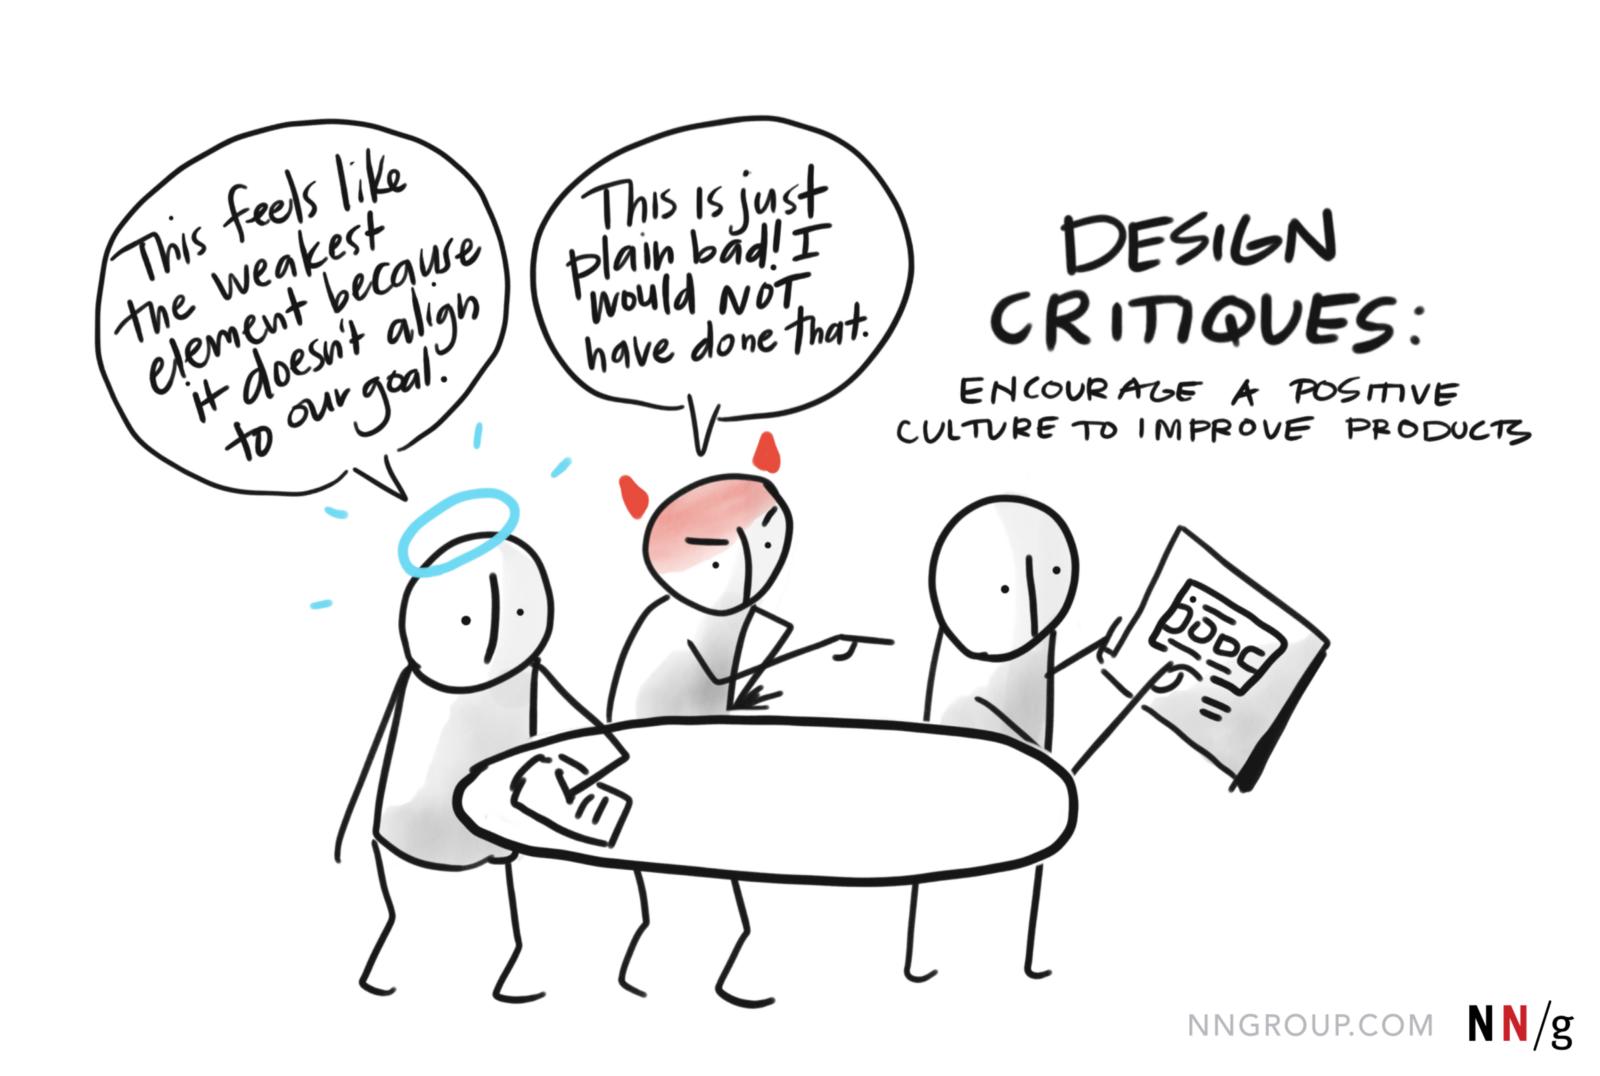 Encourage a positive culture with design critiques (source)